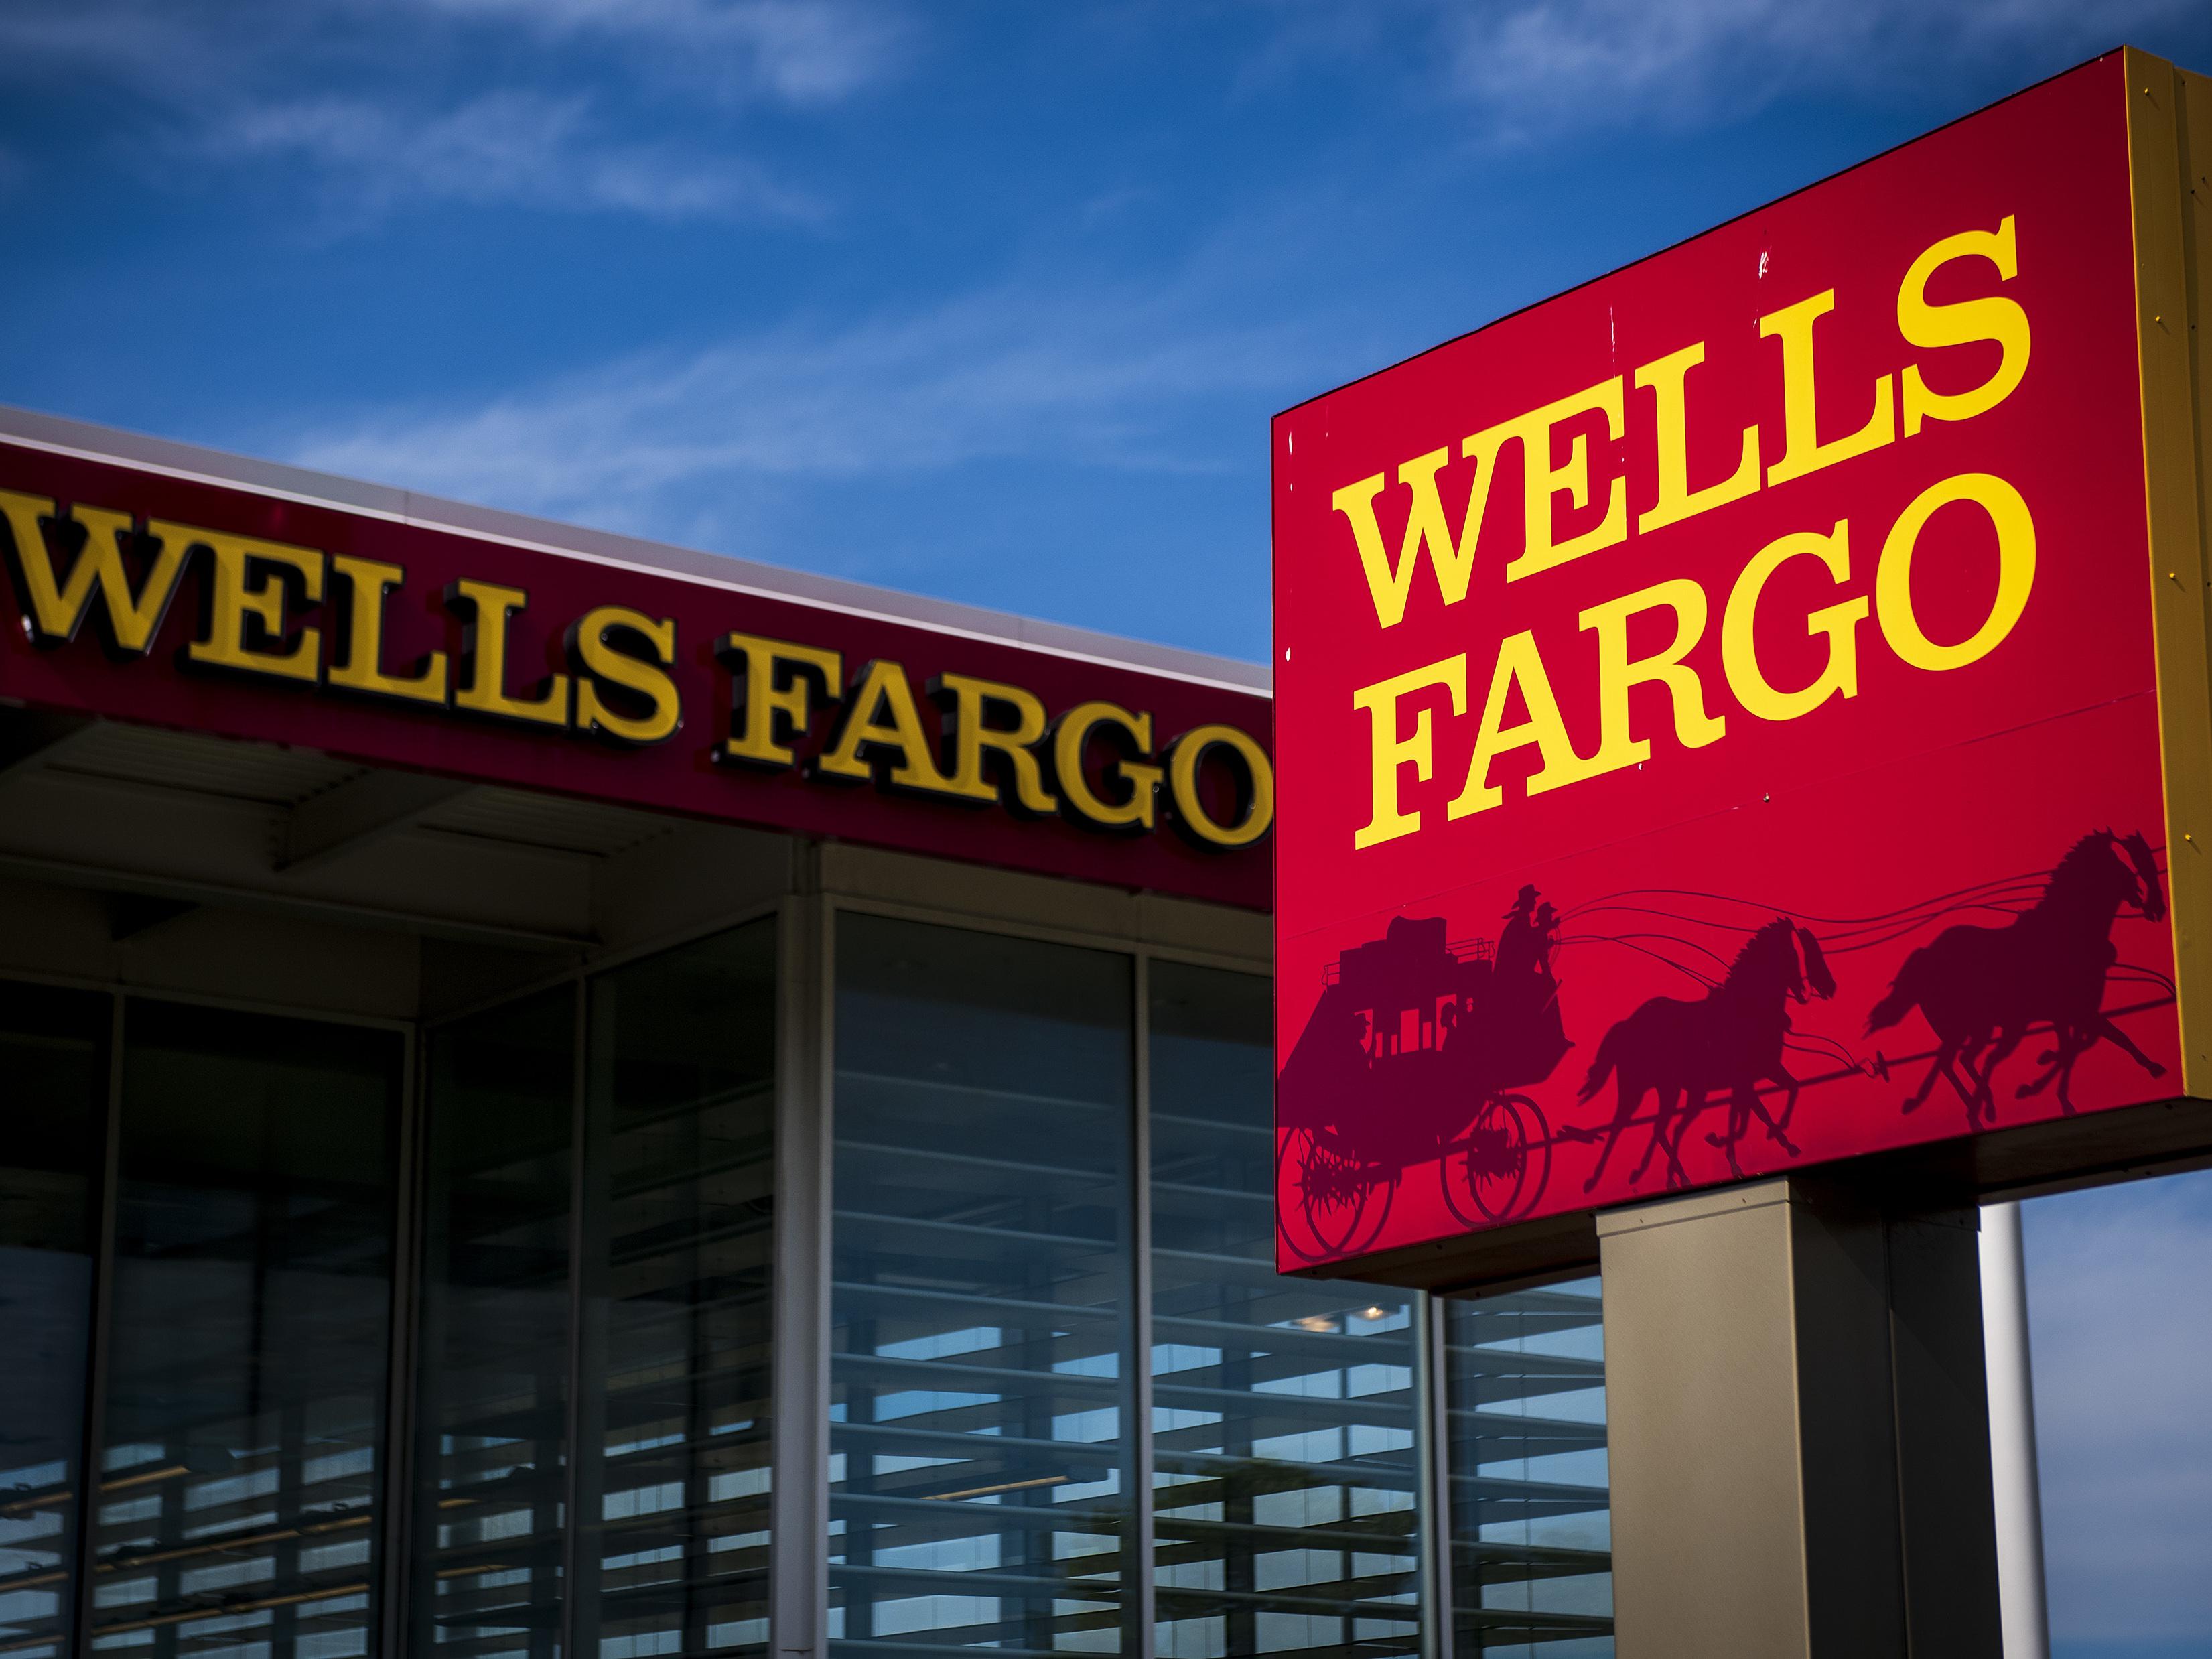 Estado-de-Cuenta-Wells-Fargo-1